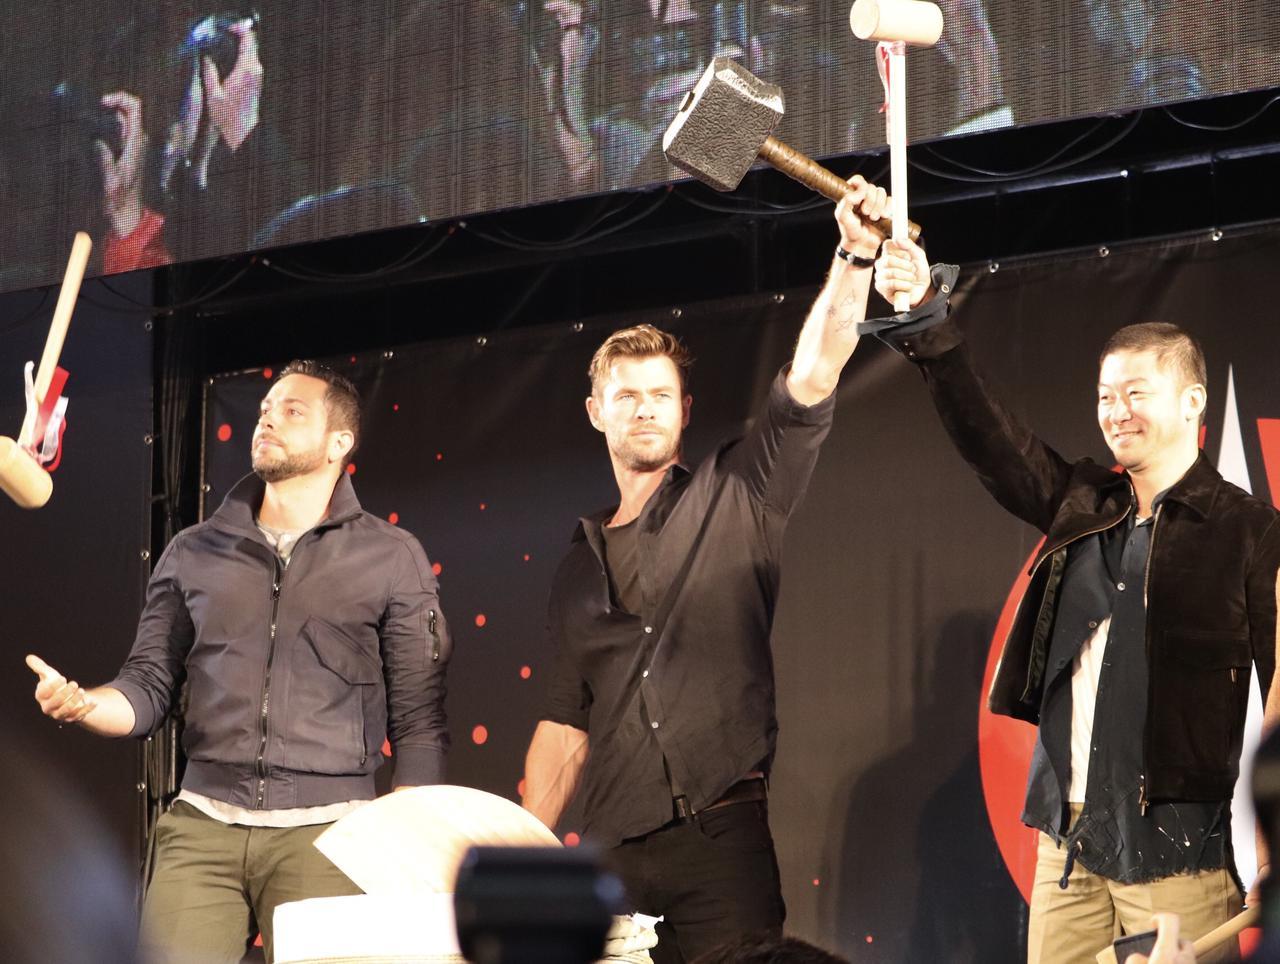 画像: クリスがムルジョニアを掲げると会場からは大きな歓声が広がった。